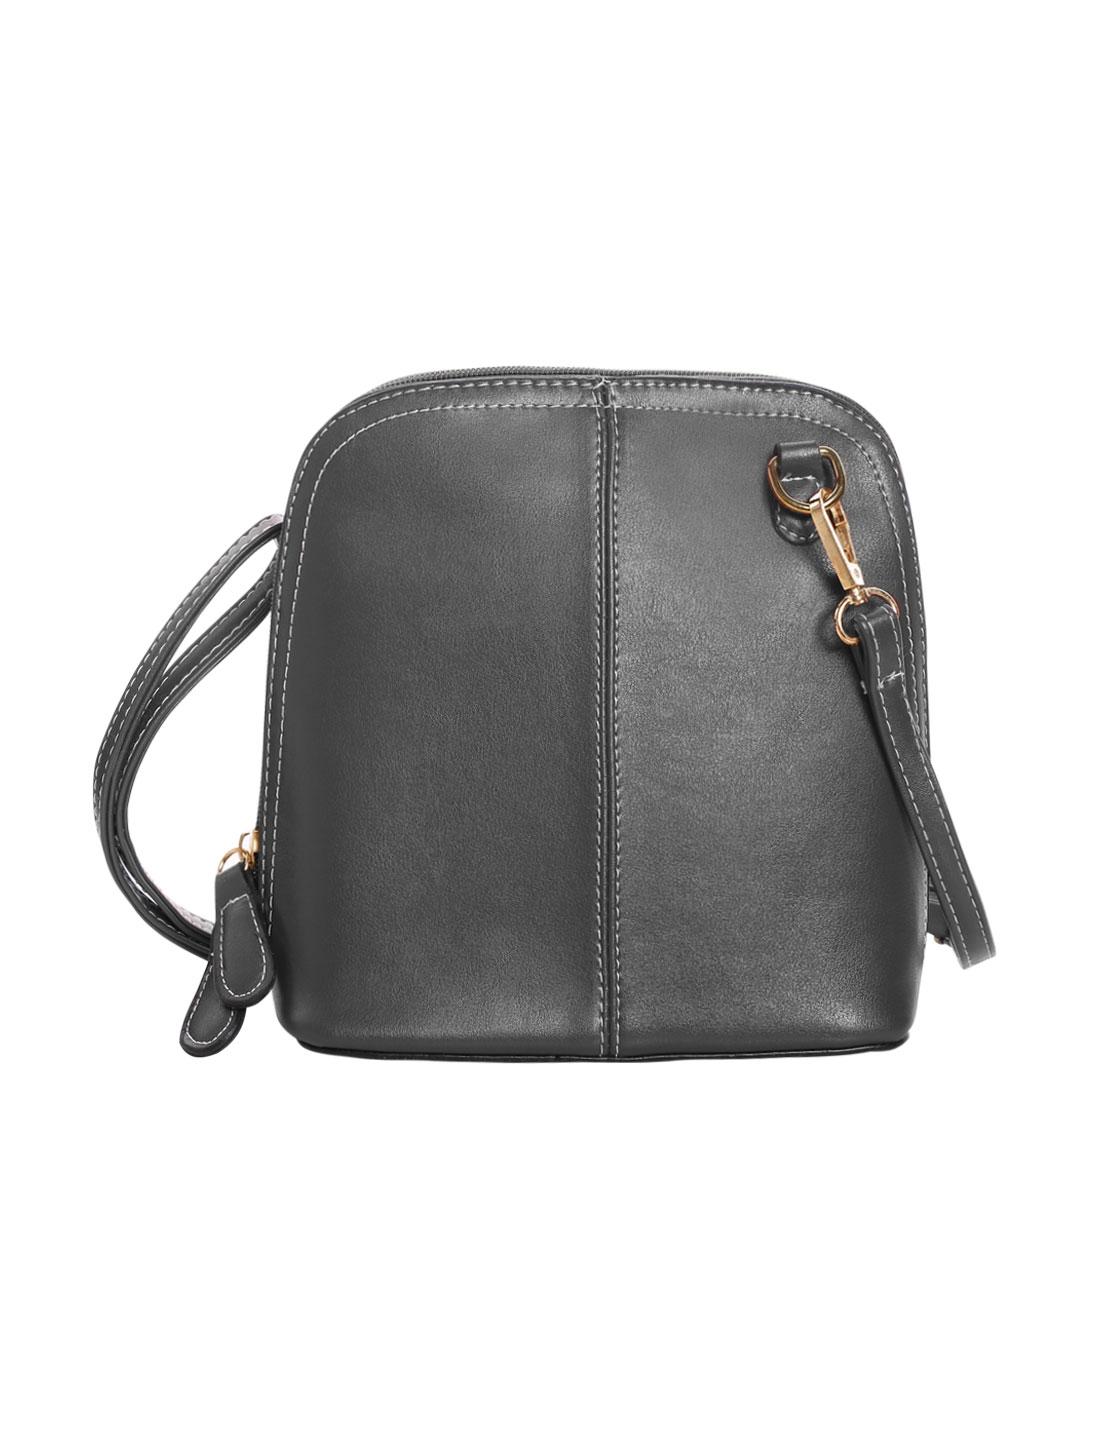 Woman Faux Leather Detachable Strap Zipper Shoulder Bag Gray